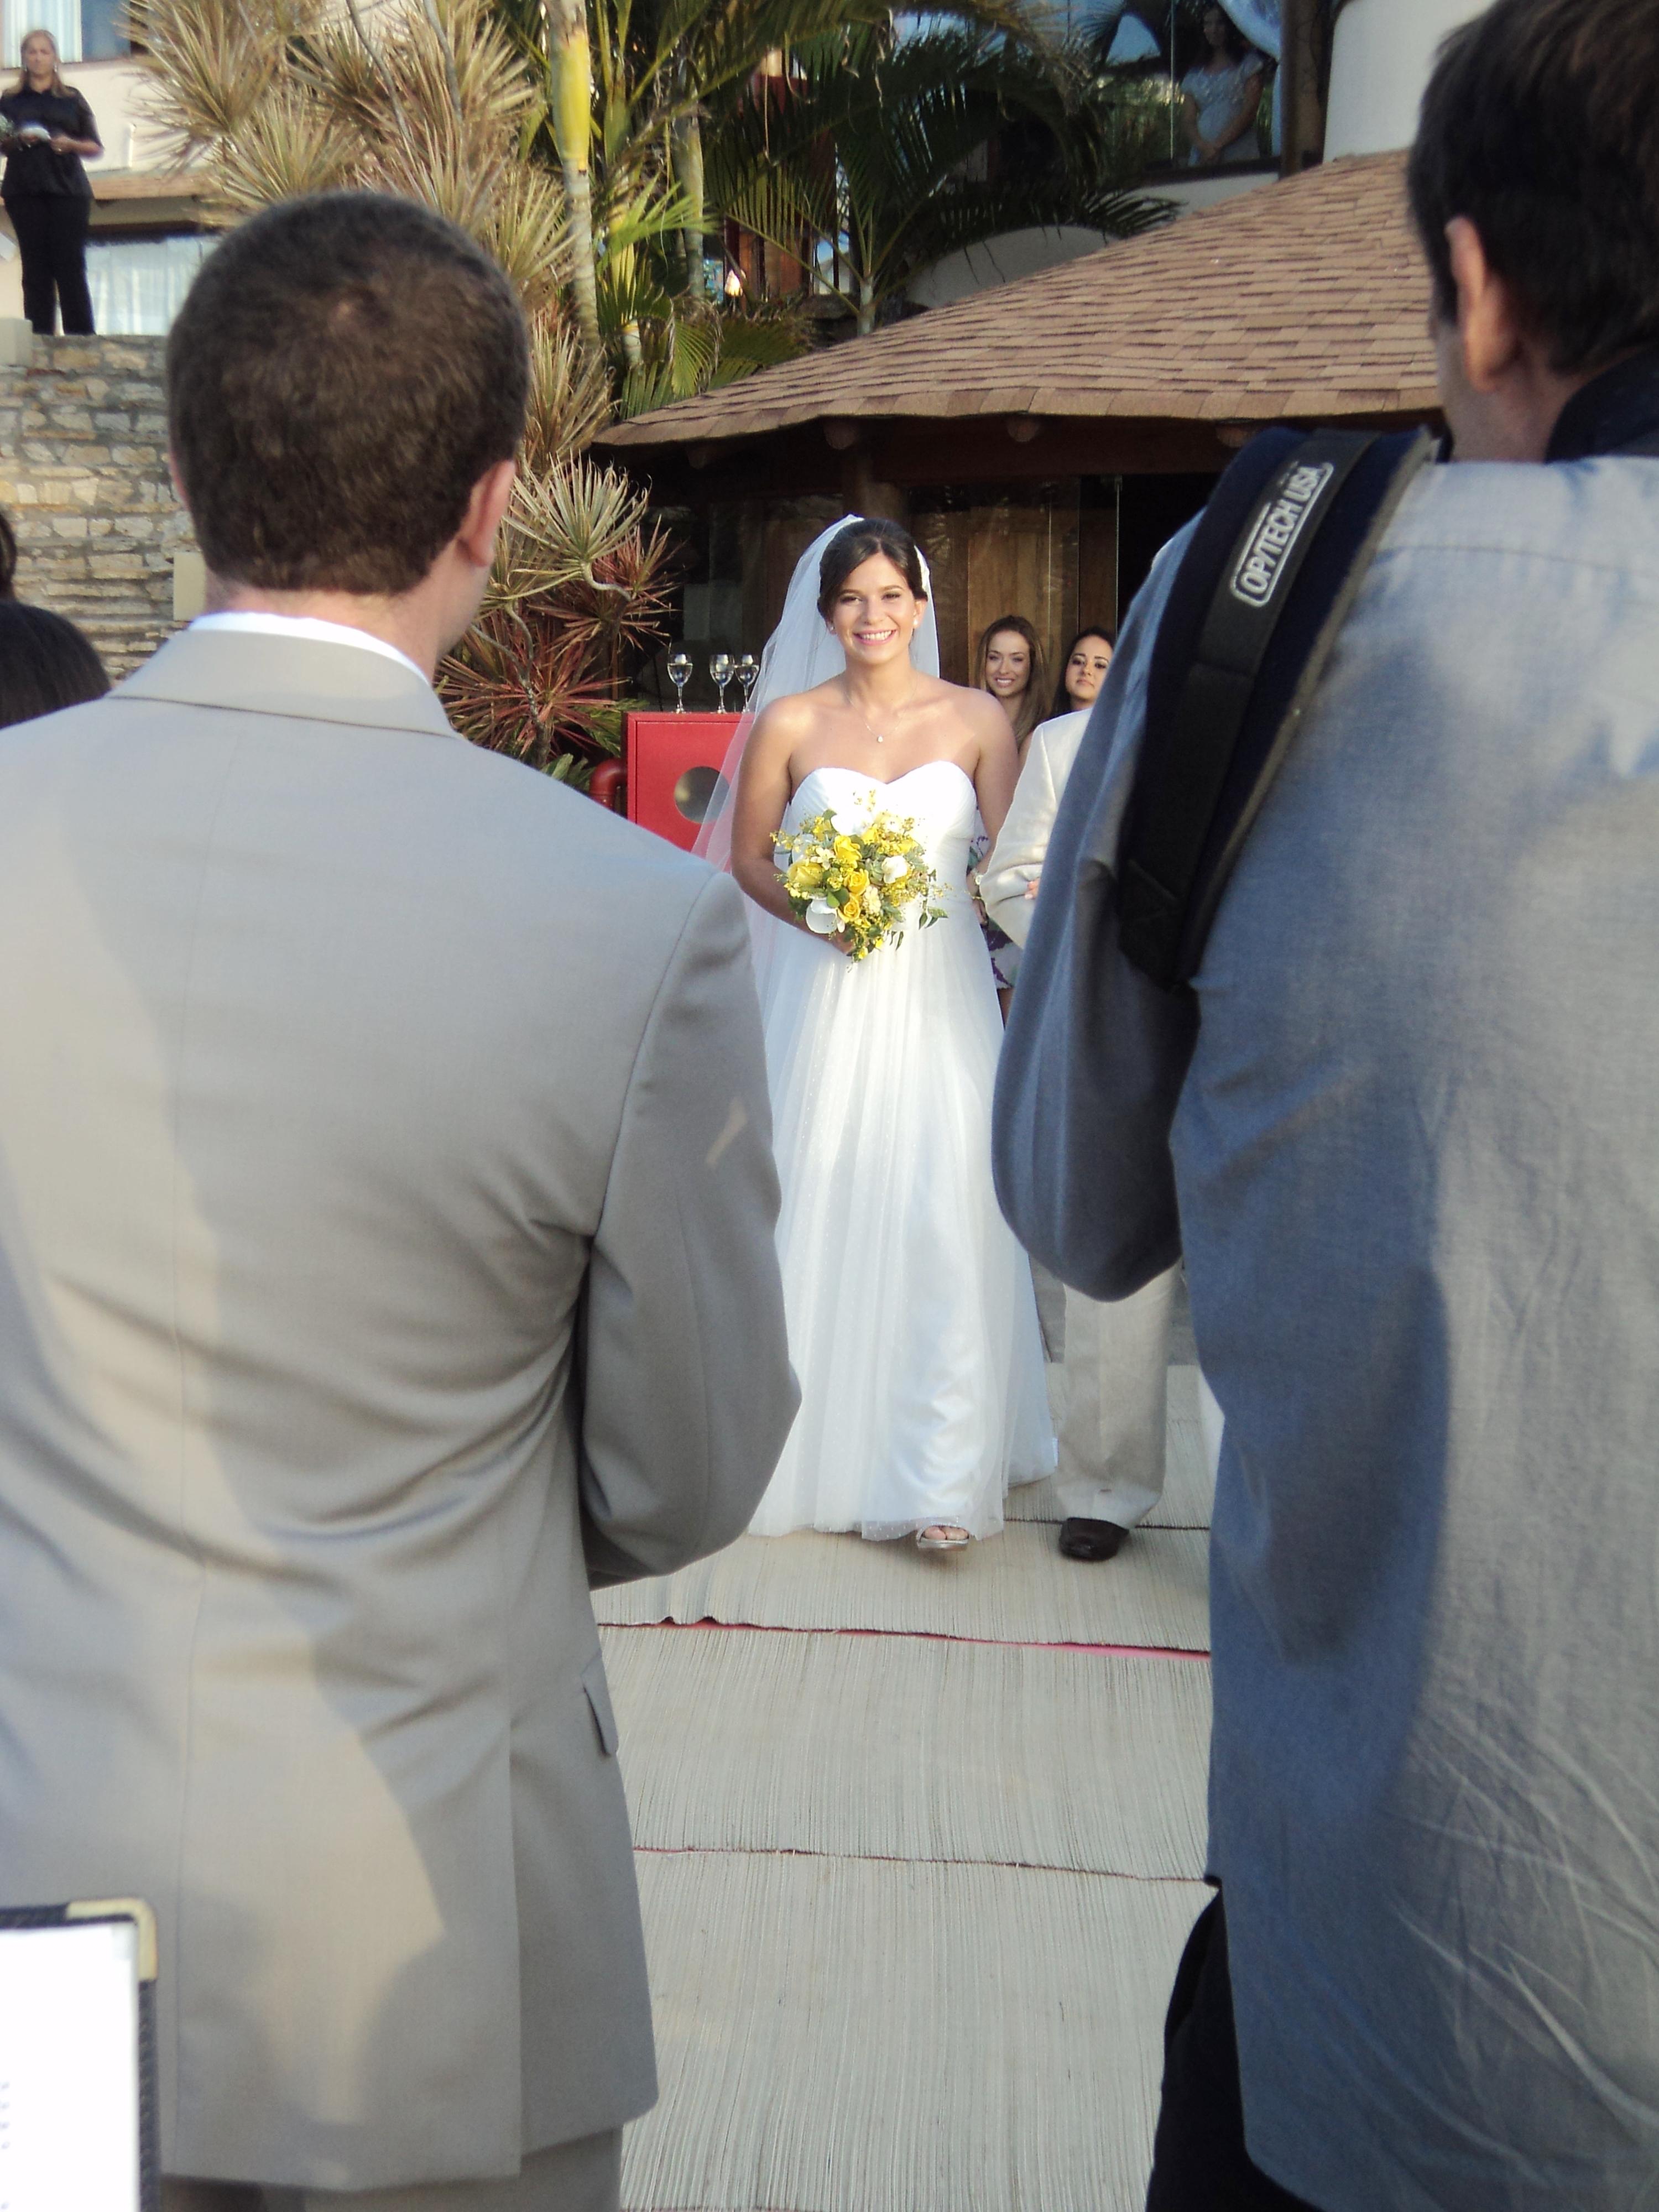 Fotos da cerimônia em  Búzios casal Joseph e Carol 7.9.13